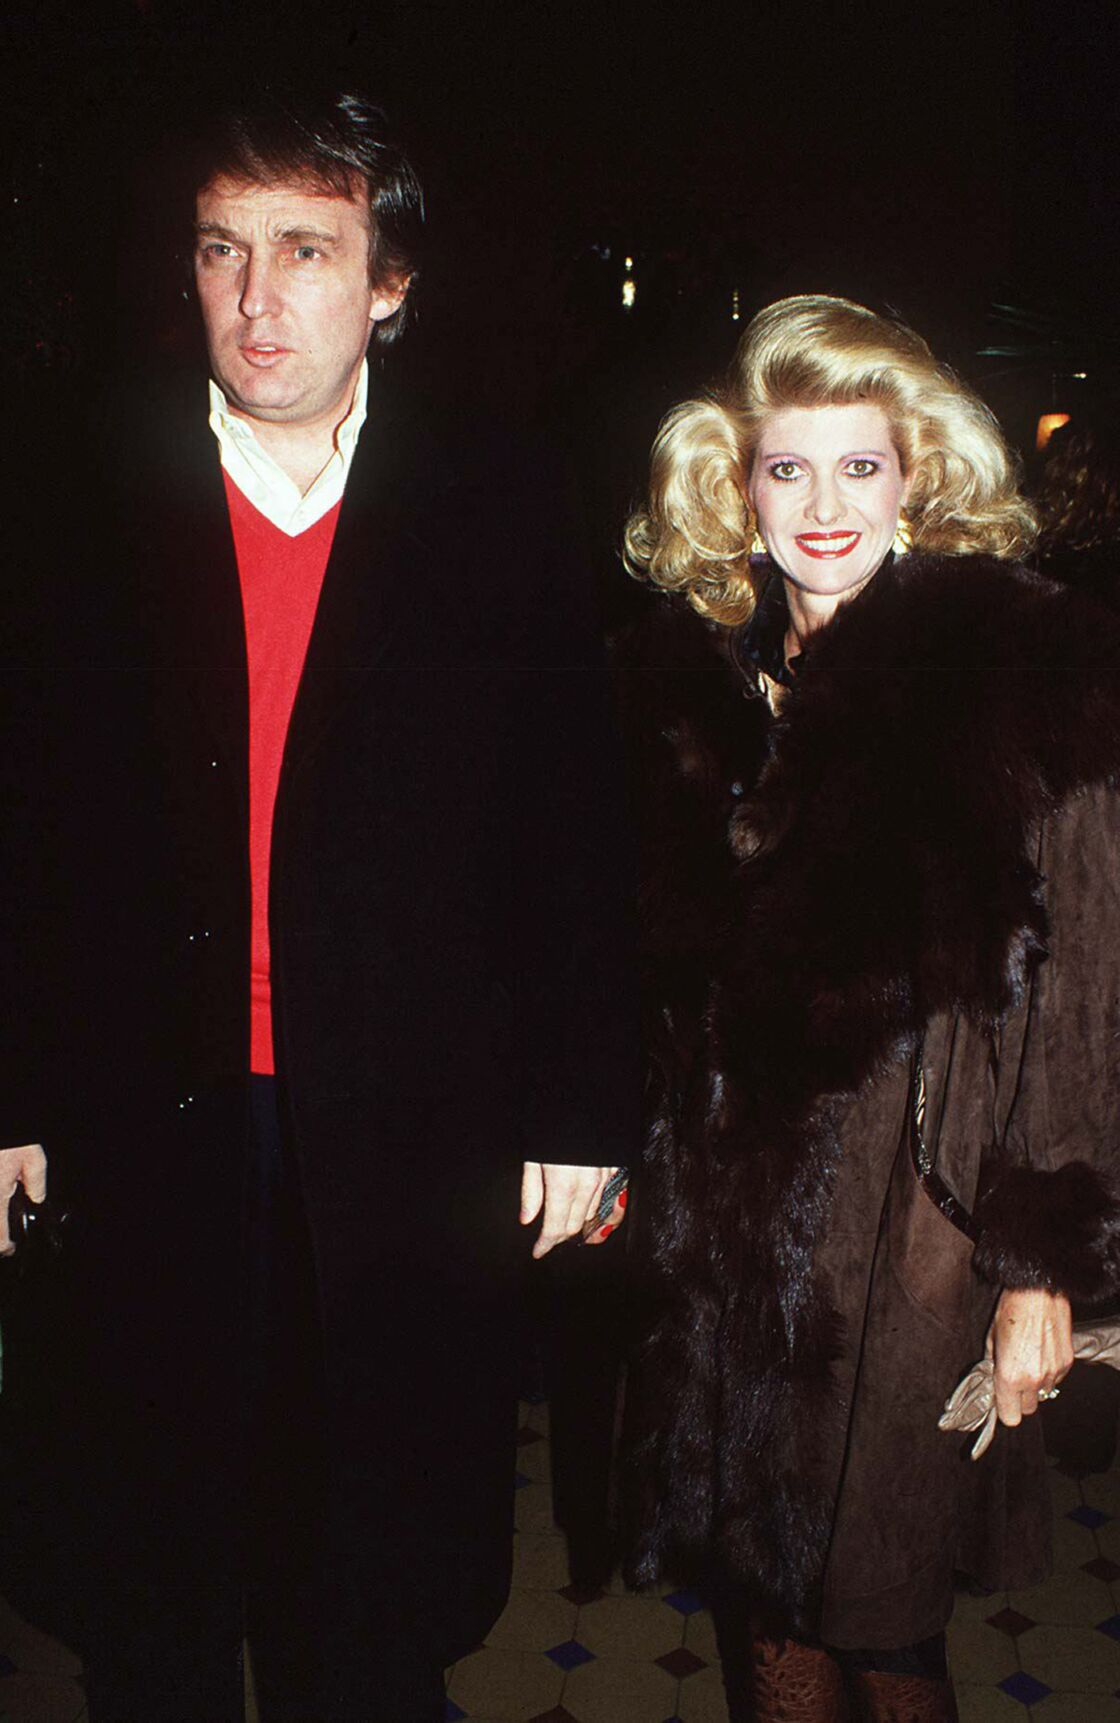 Mariés pendant près de quinze ans, Donald et Ivana Trump ont eu trois enfants ensemble